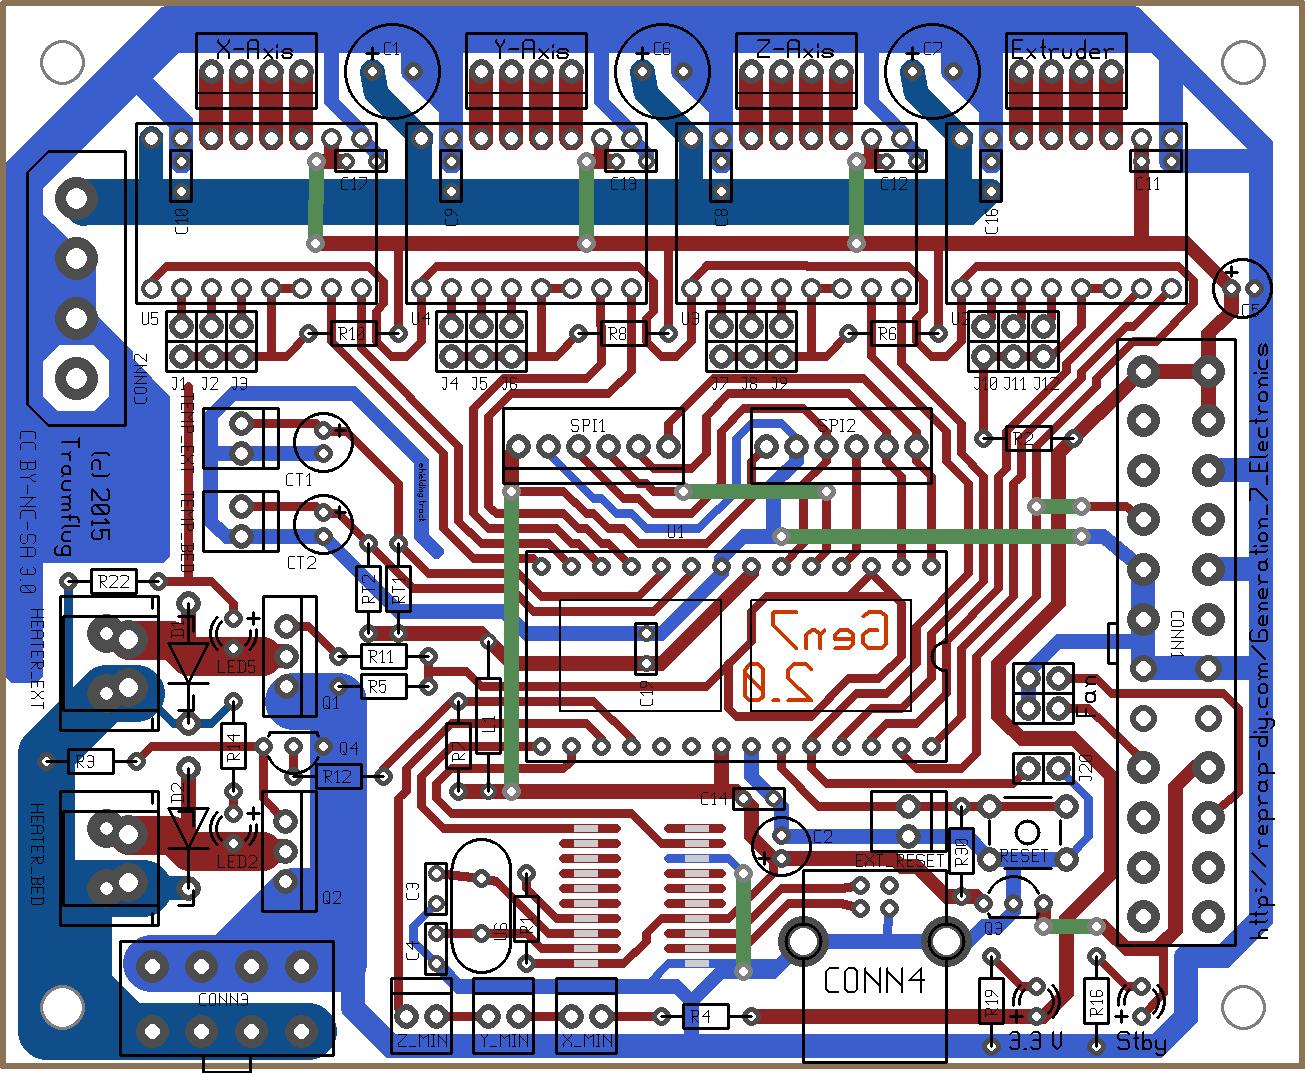 gen7_2.0_layout.png